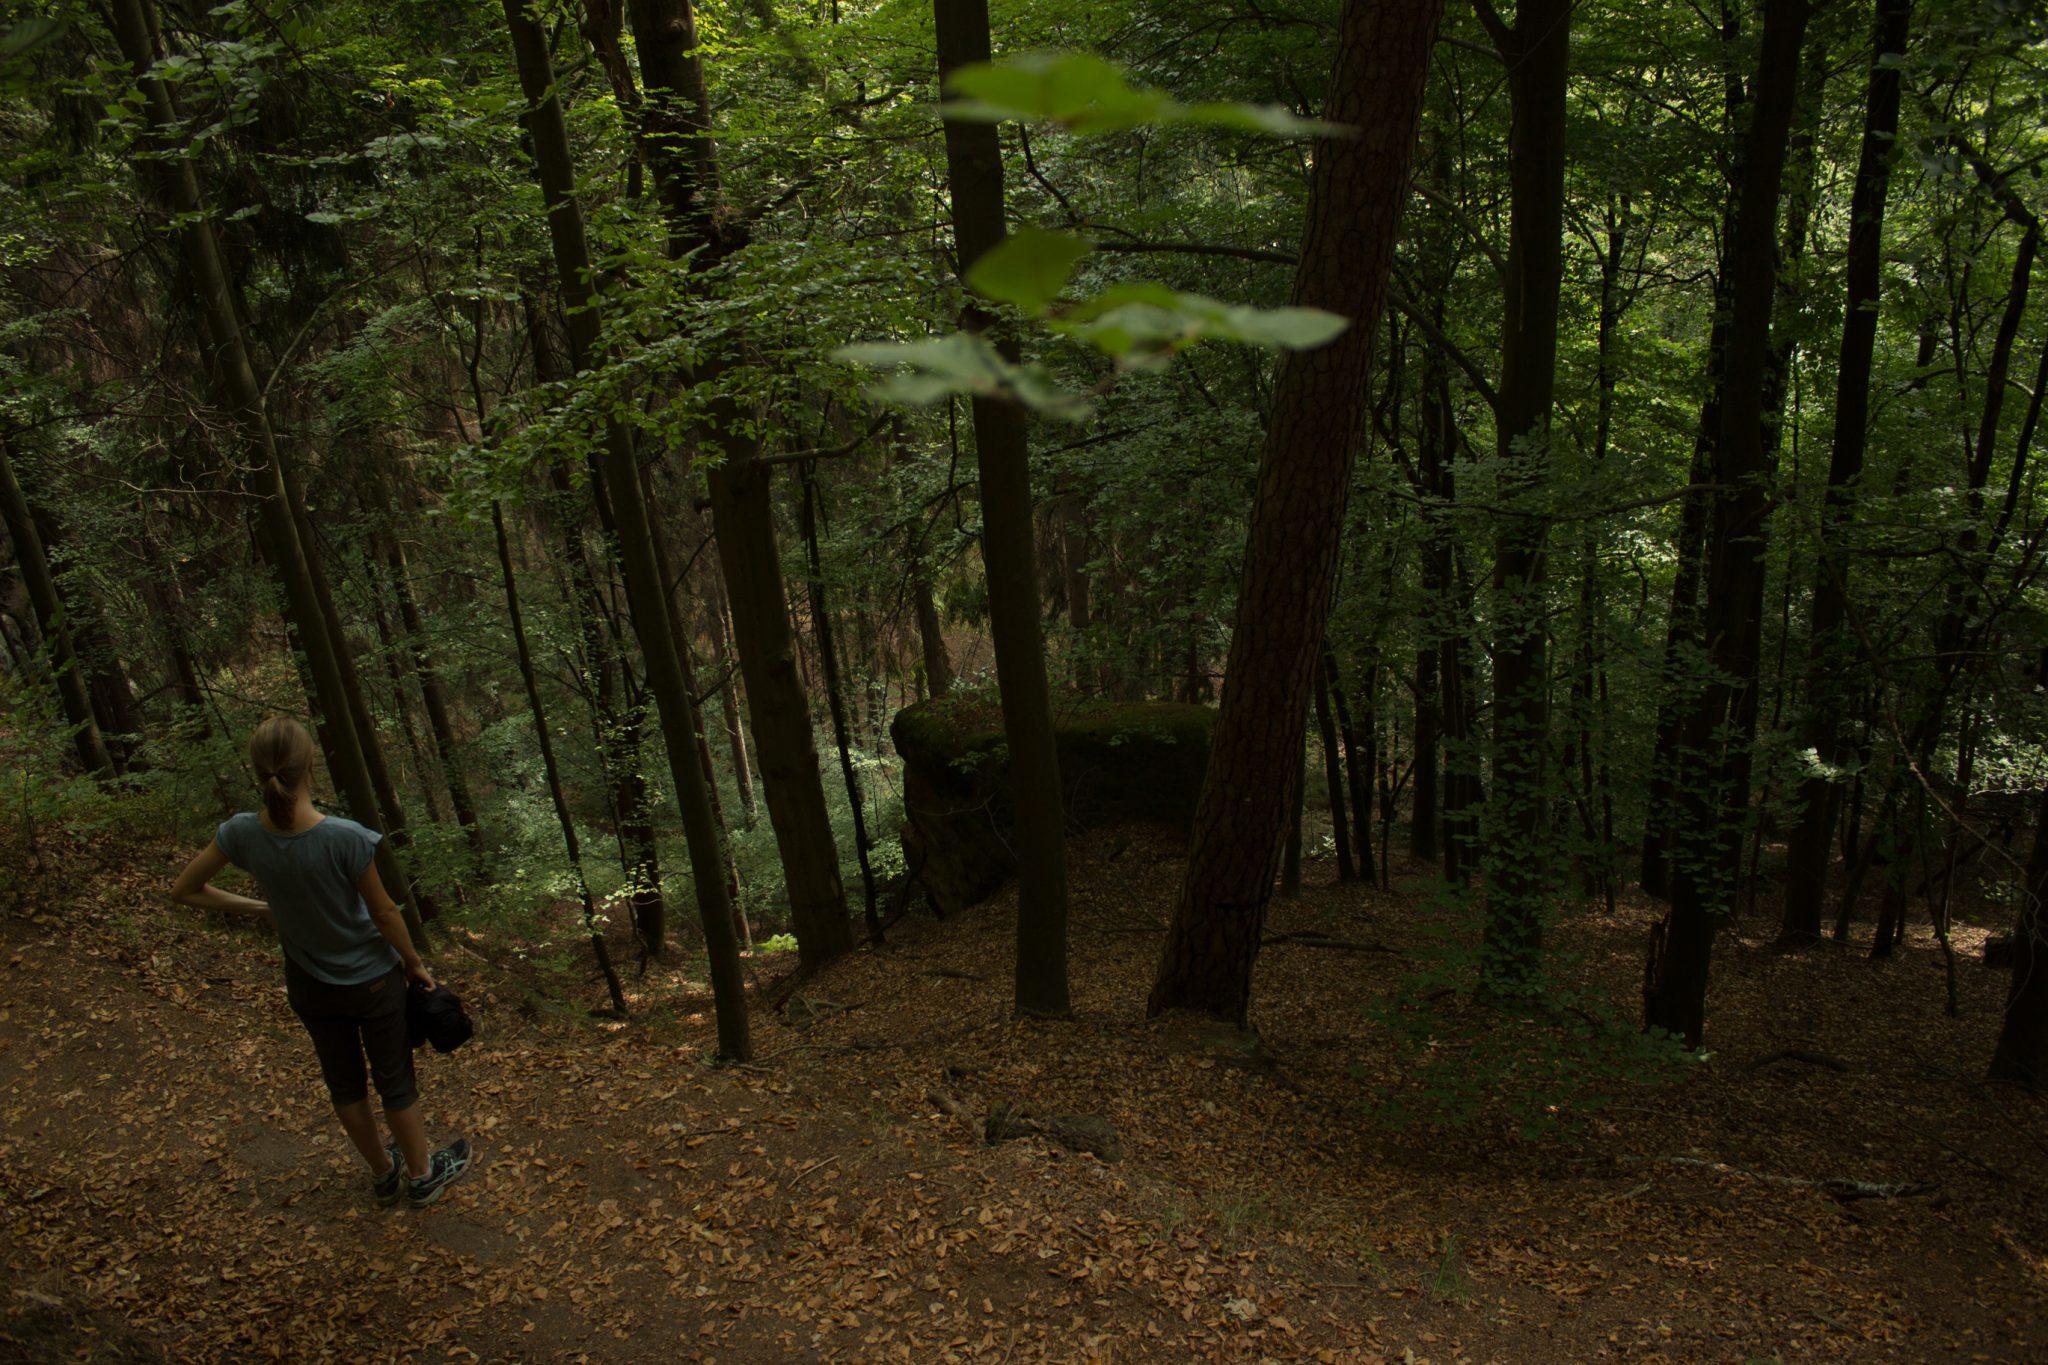 Kirnitzschklamm Hermanseck und Königsplatz im Kirnitzschtal wandern, Wanderweg im Wanderparadies Sächsische Schweiz mit vielen tollen Aussichten, riesiger Felsennationalpark, Aussicht nach unten, viele Höhenmeter zurückgelegt